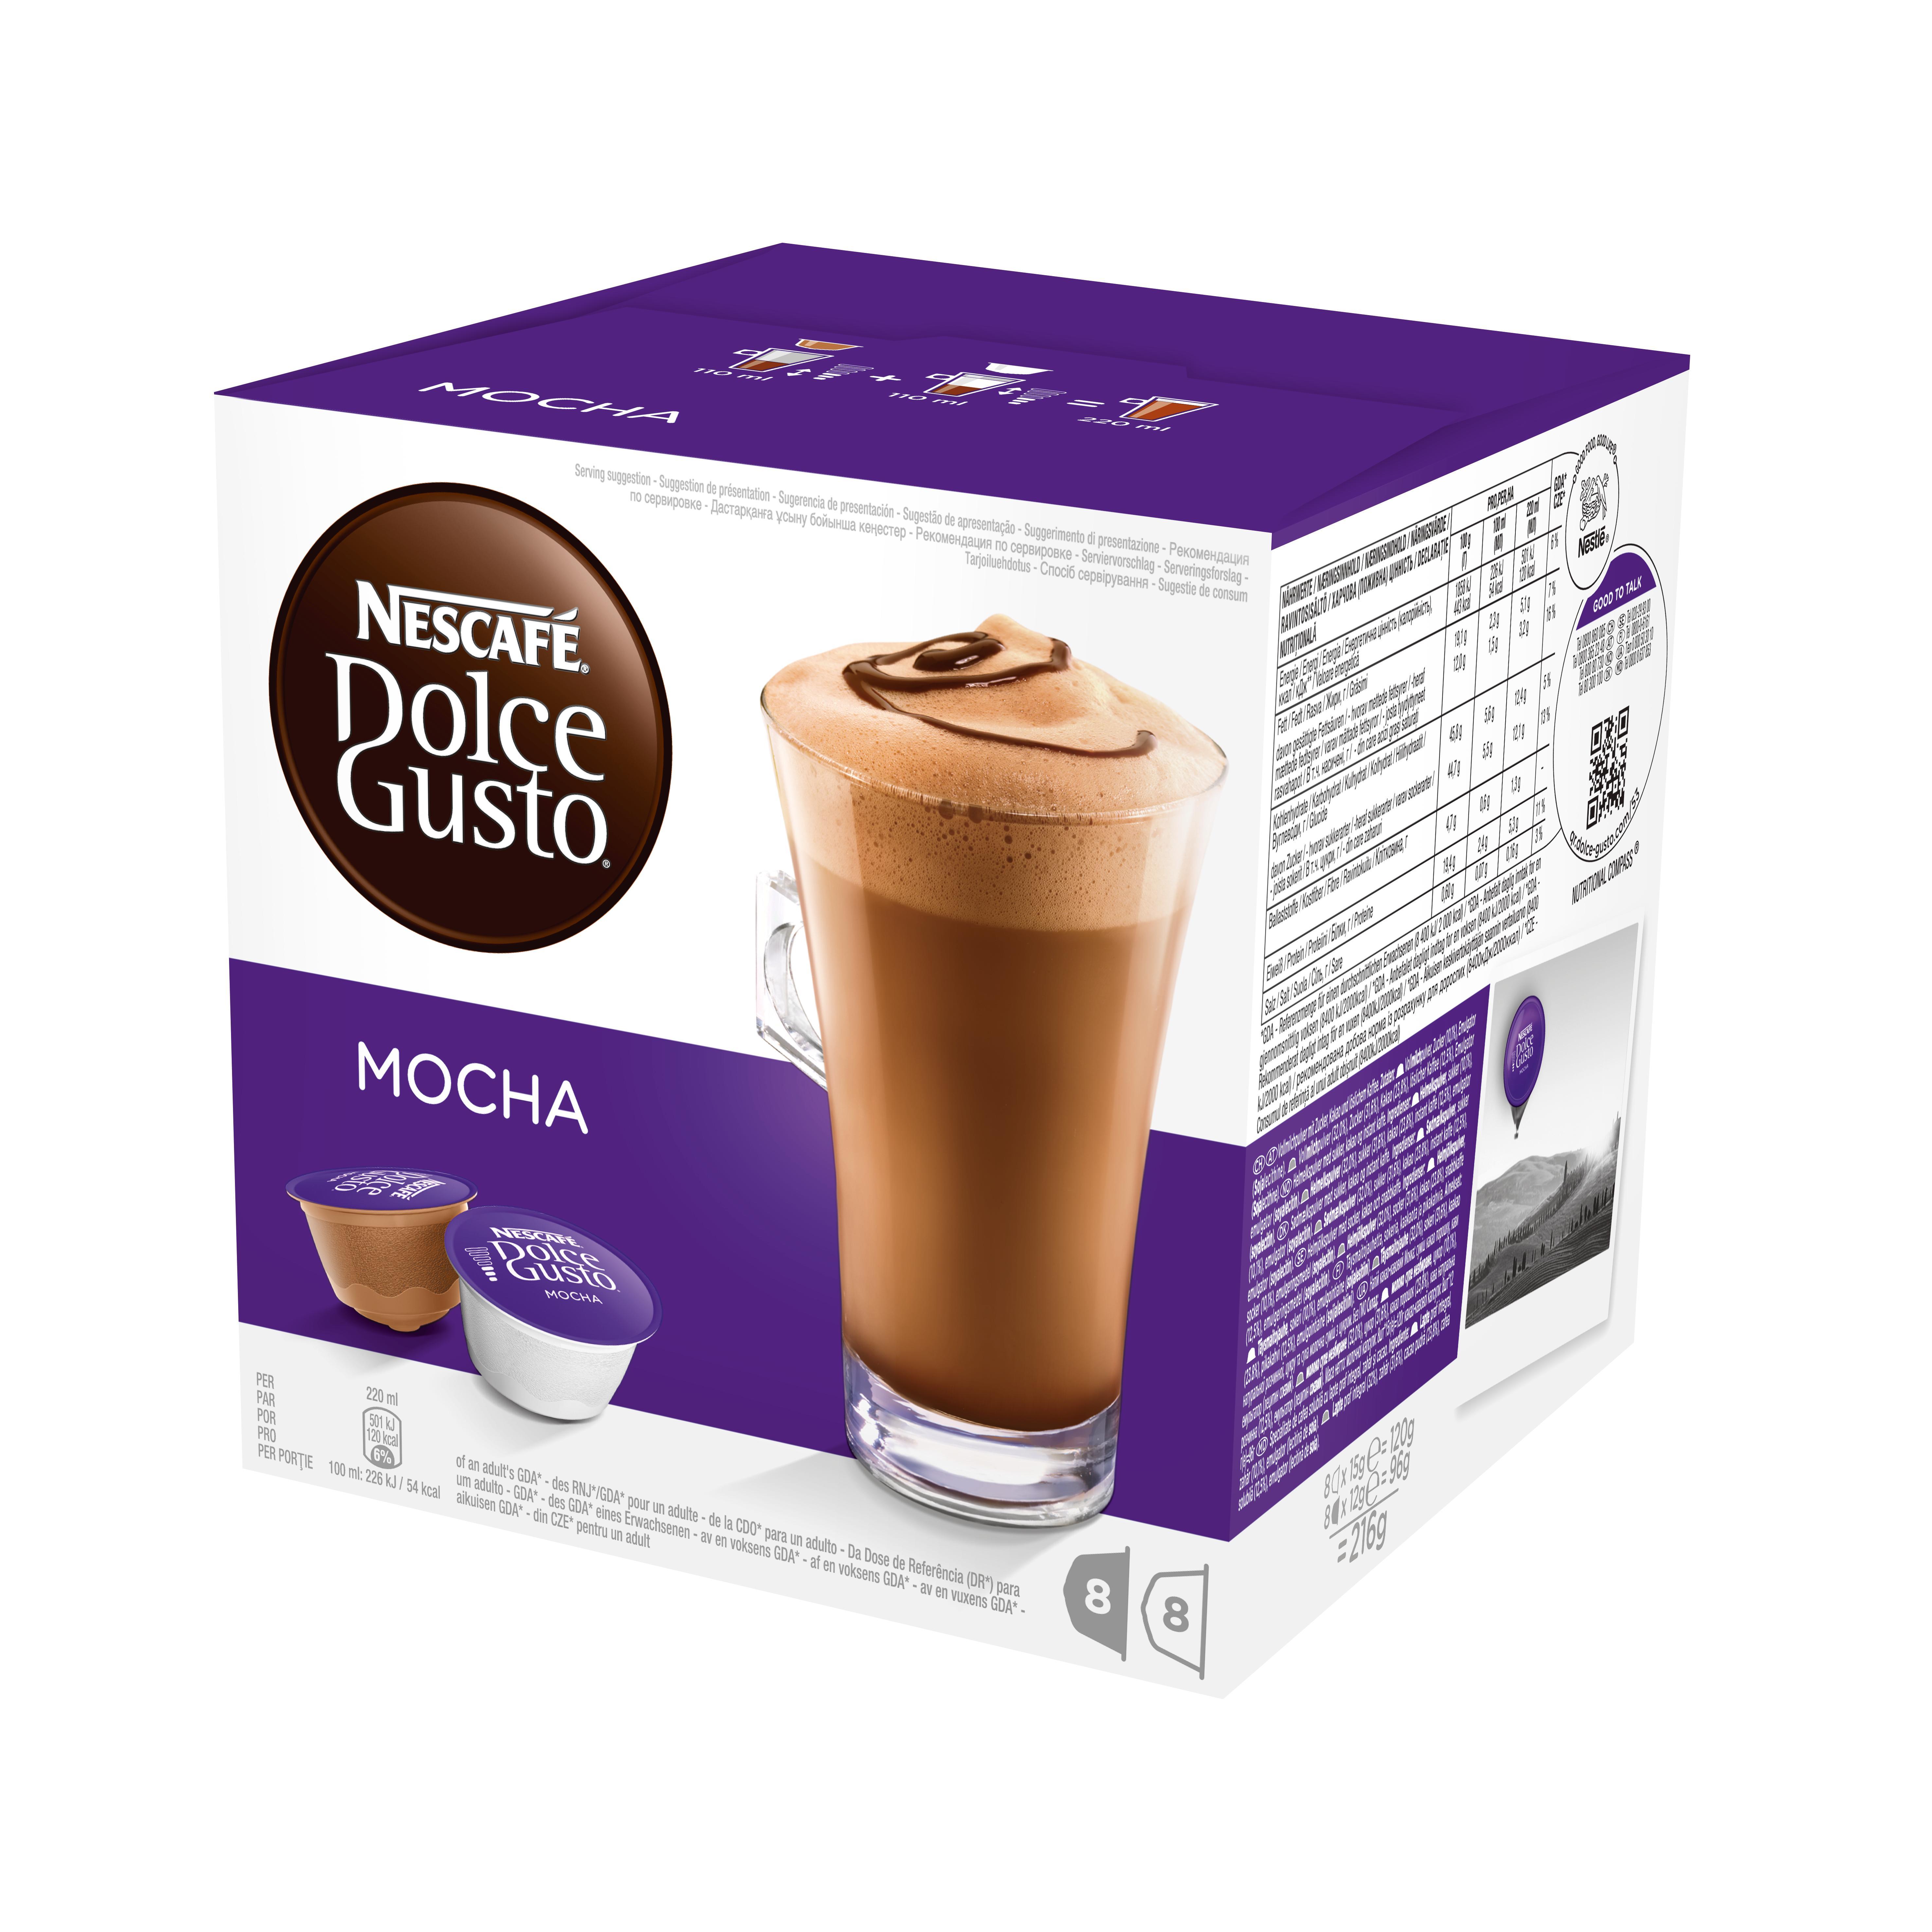 Кофе в капсулах Dolce Gusto Mocha (Мокка), 16 кап.Кофе, какао<br>Кофе в капсулах NESCAFE Dolce Gusto Mocha &amp;#40;Нескафе Дольче Густо Мокка&amp;#41;. Мокка – сочетание насыщенного кофе и яркого вкуса ароматного шоколада. Каждое мгновение с чашечкой горячего Мокка может превратиться в истинное наслаждение, которое можно посвятить себе или разделить с друзьями…если, конечно, Вы готовы делиться своим изысканным Мокка. Каждая капсула рассчитана на одну чашку напитка, для приготовления кофе Мокка вам потребуется одна капсула кофе и одна капсула молока &amp;#40;входит в комплект Dolce Gusto Mocha&amp;#41;, итого получается 8 порций кофе Мокка из одной...<br><br>Тип: кофе в капсулах